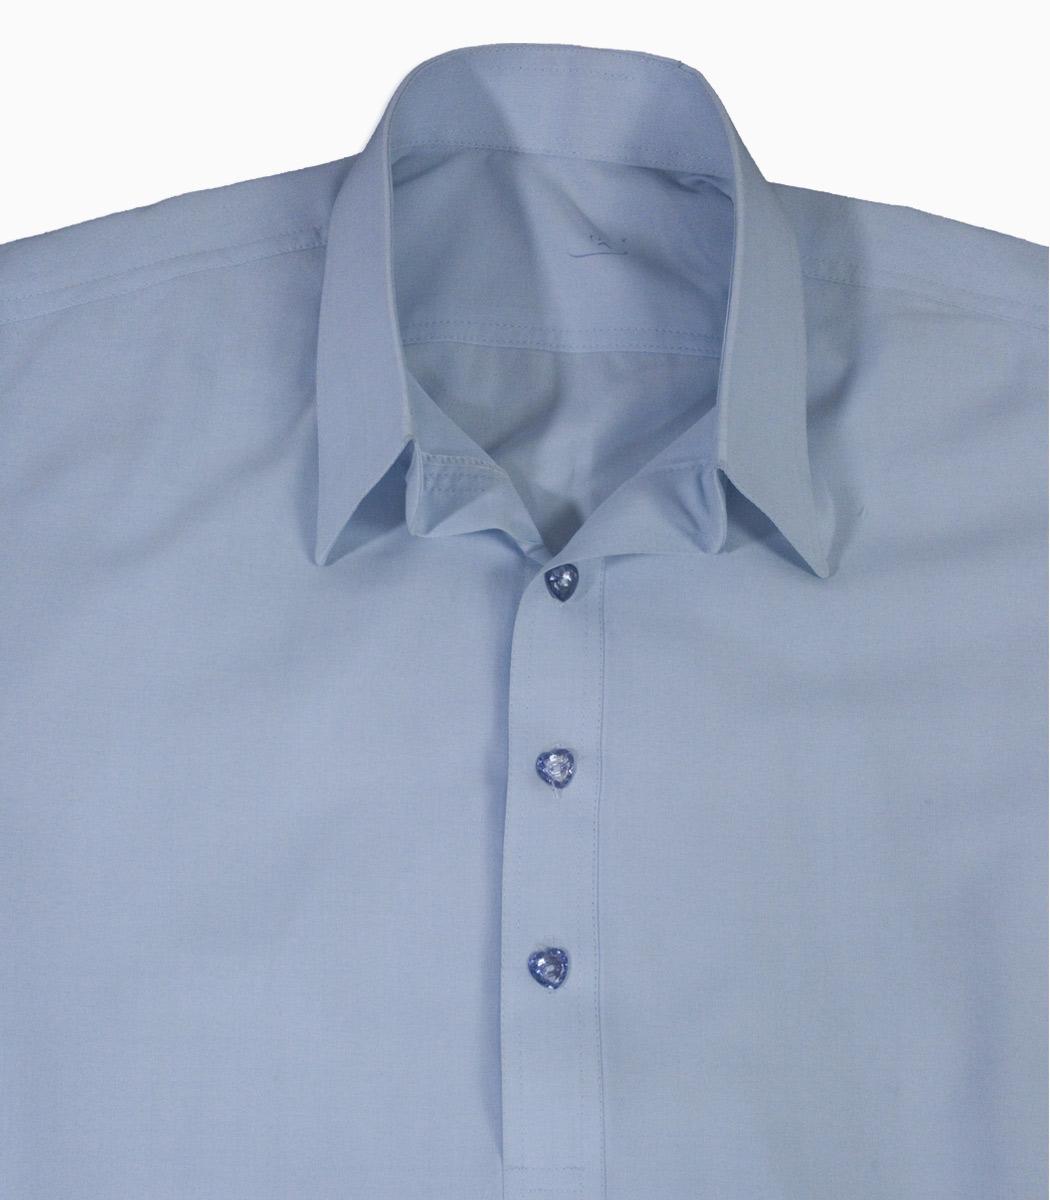 پیراهن تنبان